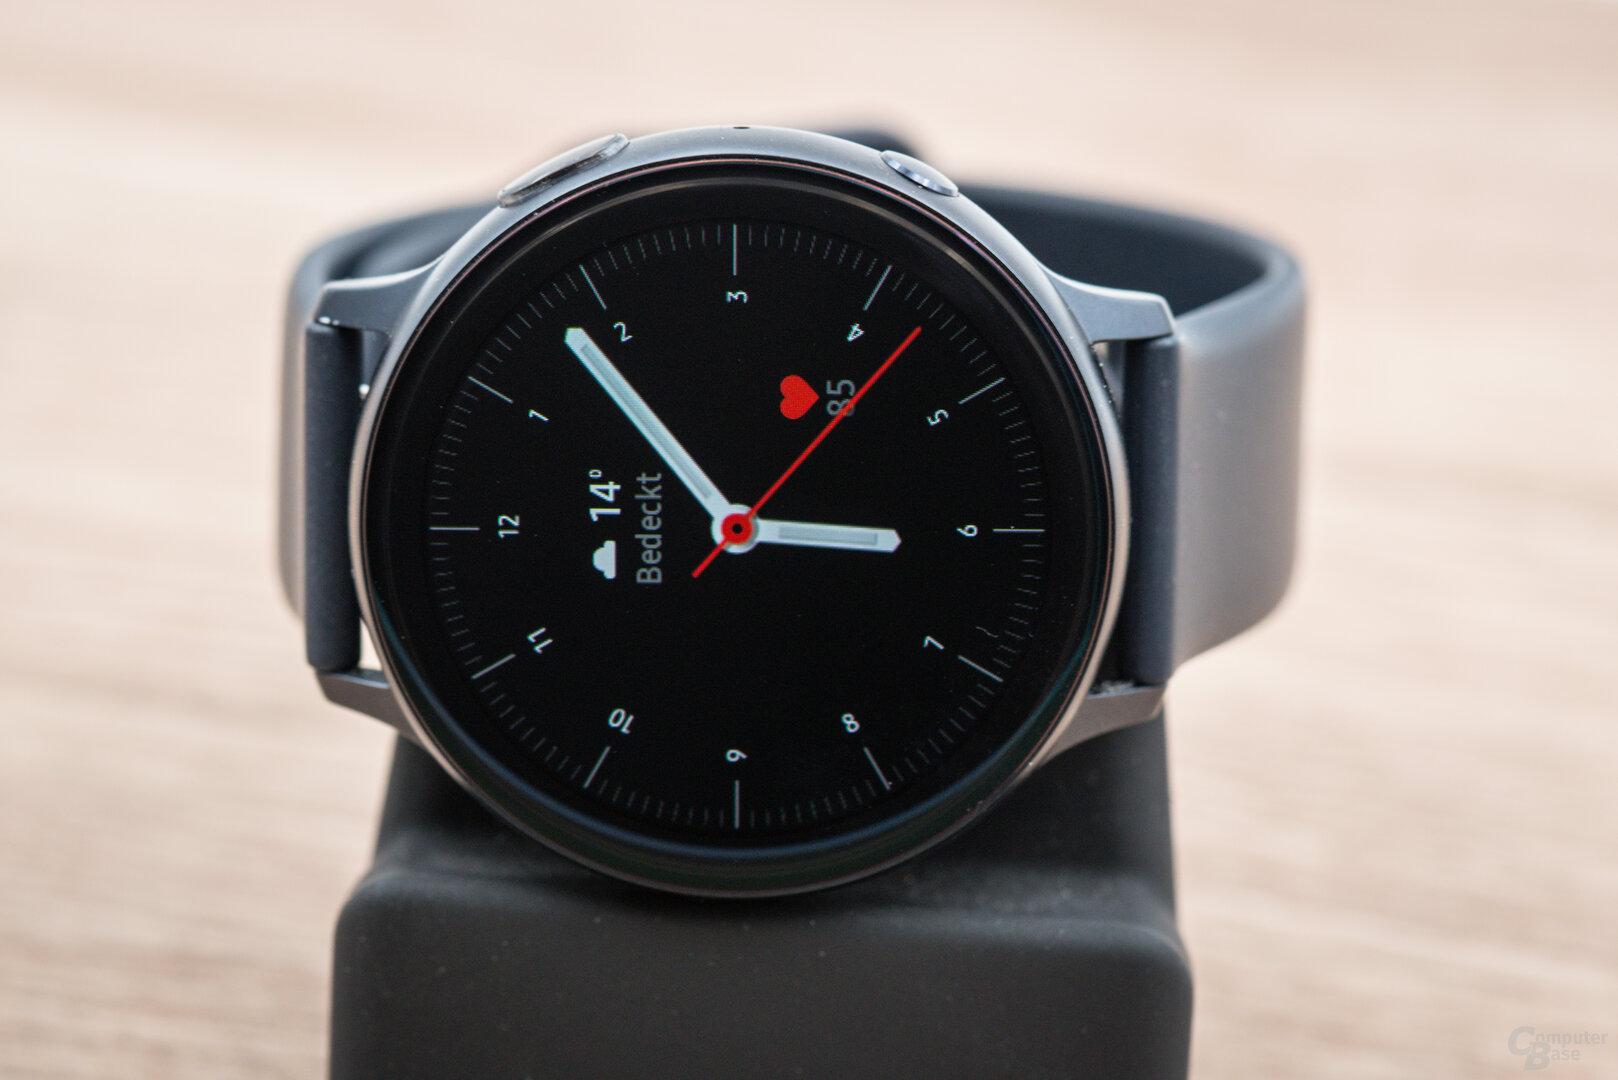 Samsung Galaxy Watch Active 2: Displayansicht